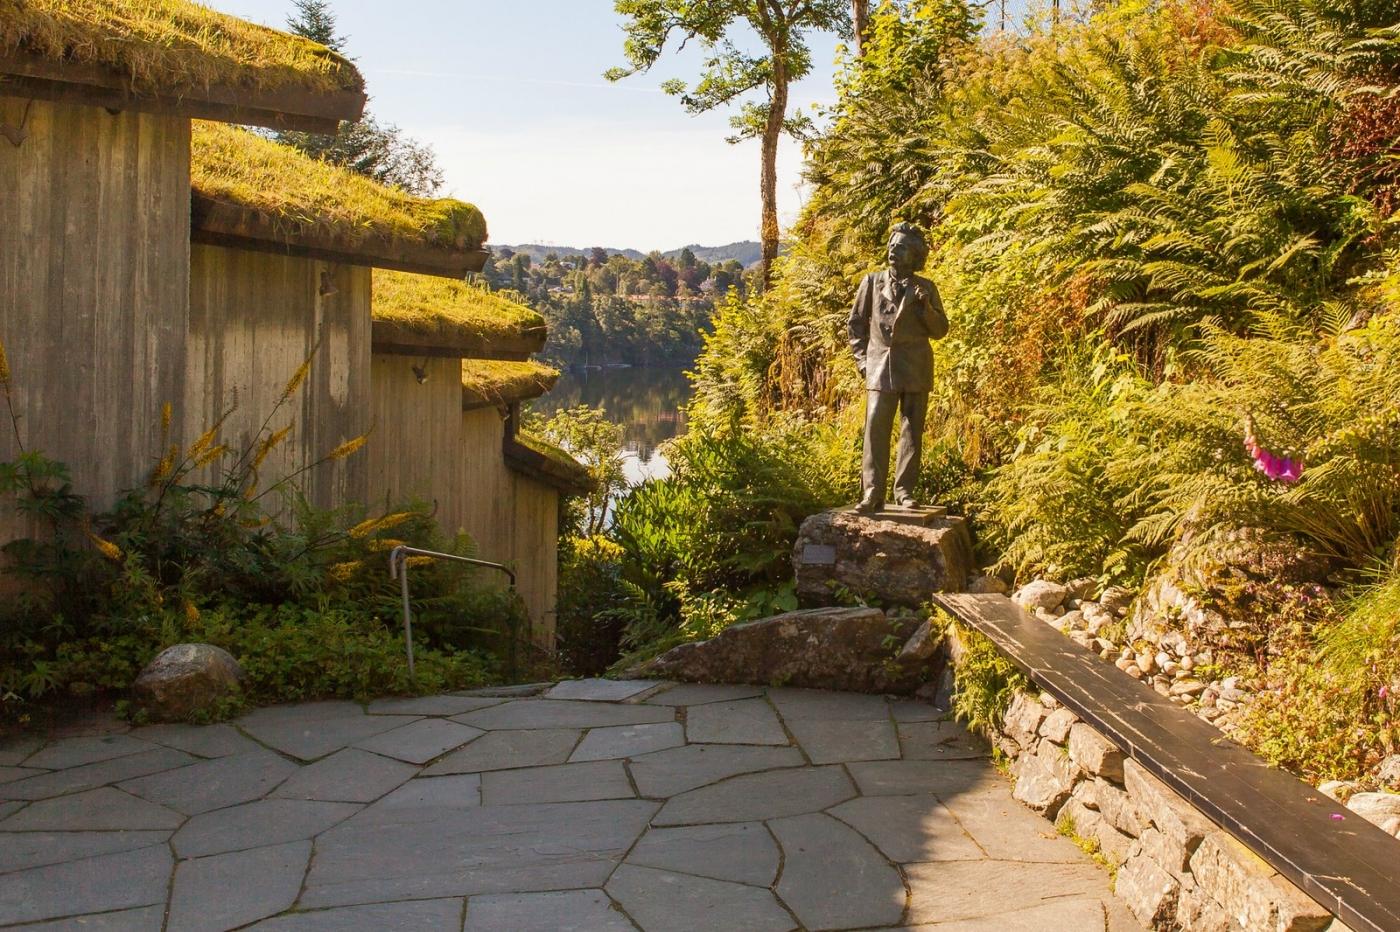 挪威作曲家爱德华-格里格,故居环境很漂亮_图1-8